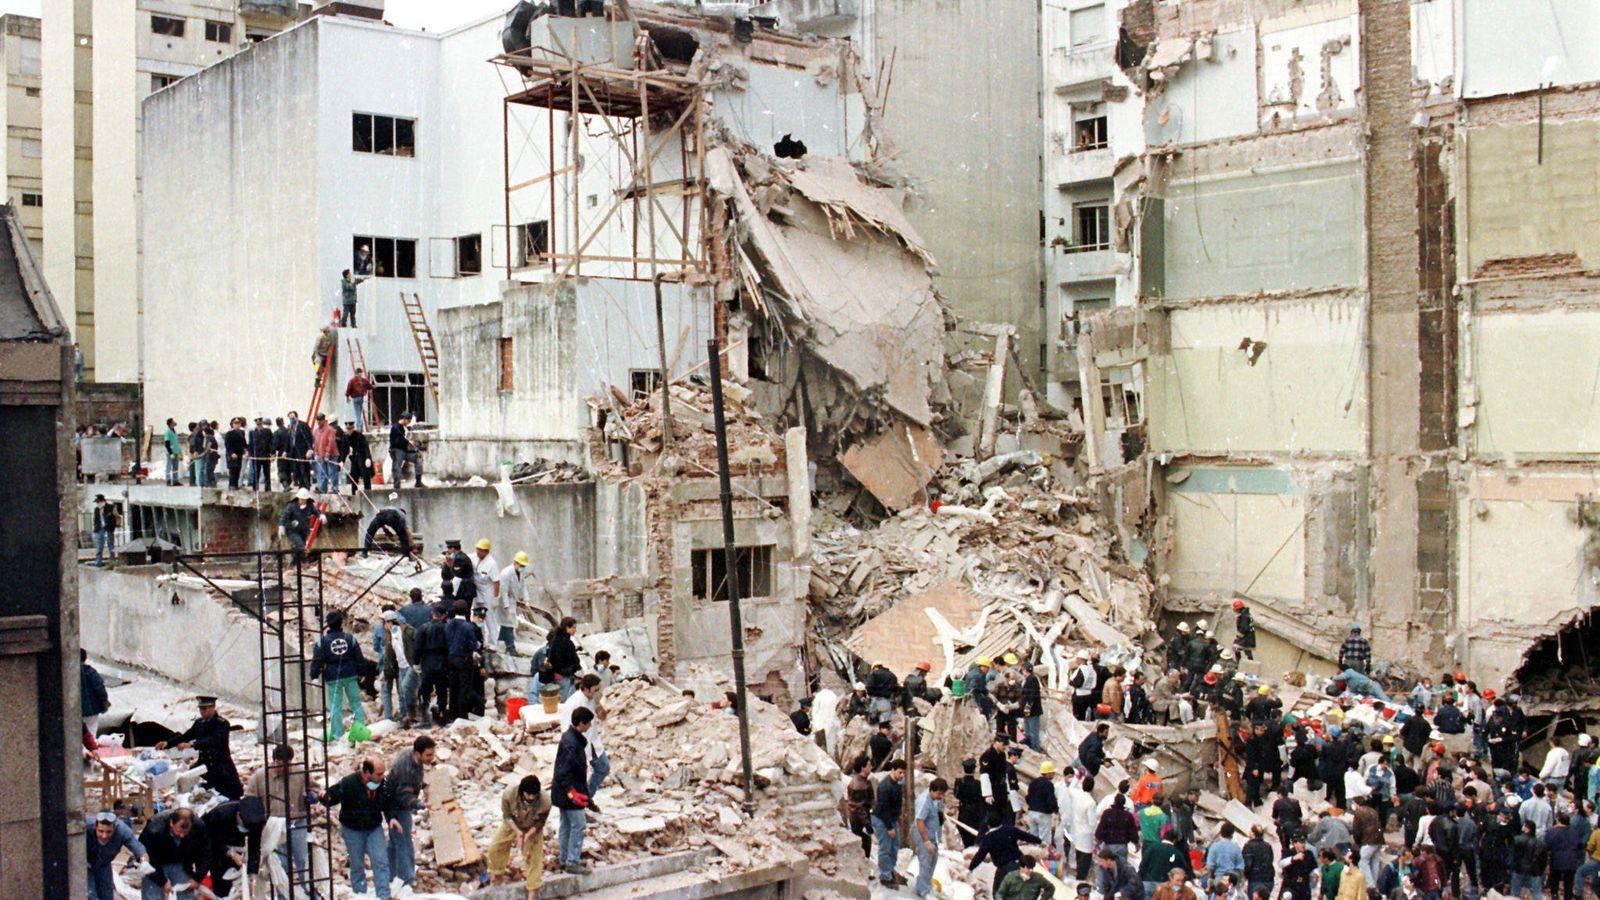 Foto: Edificio de la AMIA tras el atentado, en julio de 1994. (Reuters)